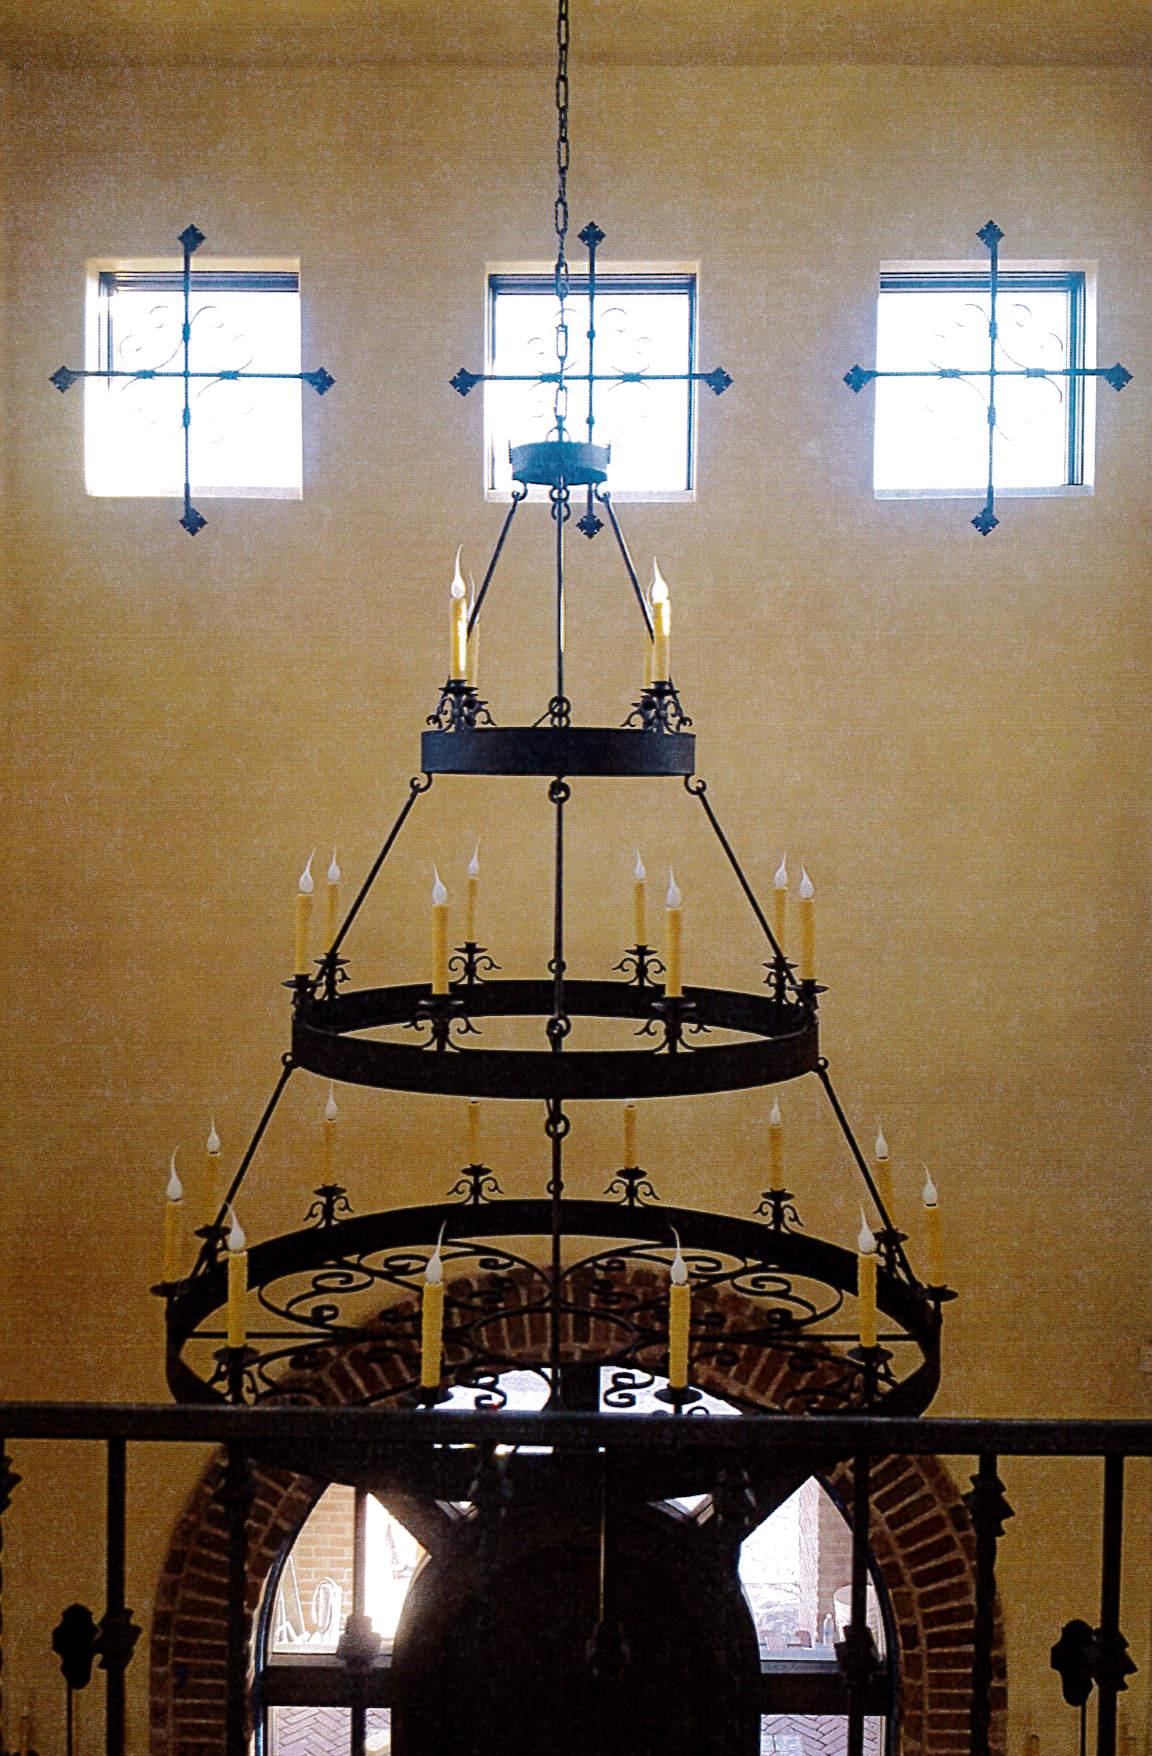 Las Vegas Custom Triple Tier Chandelier.jpg